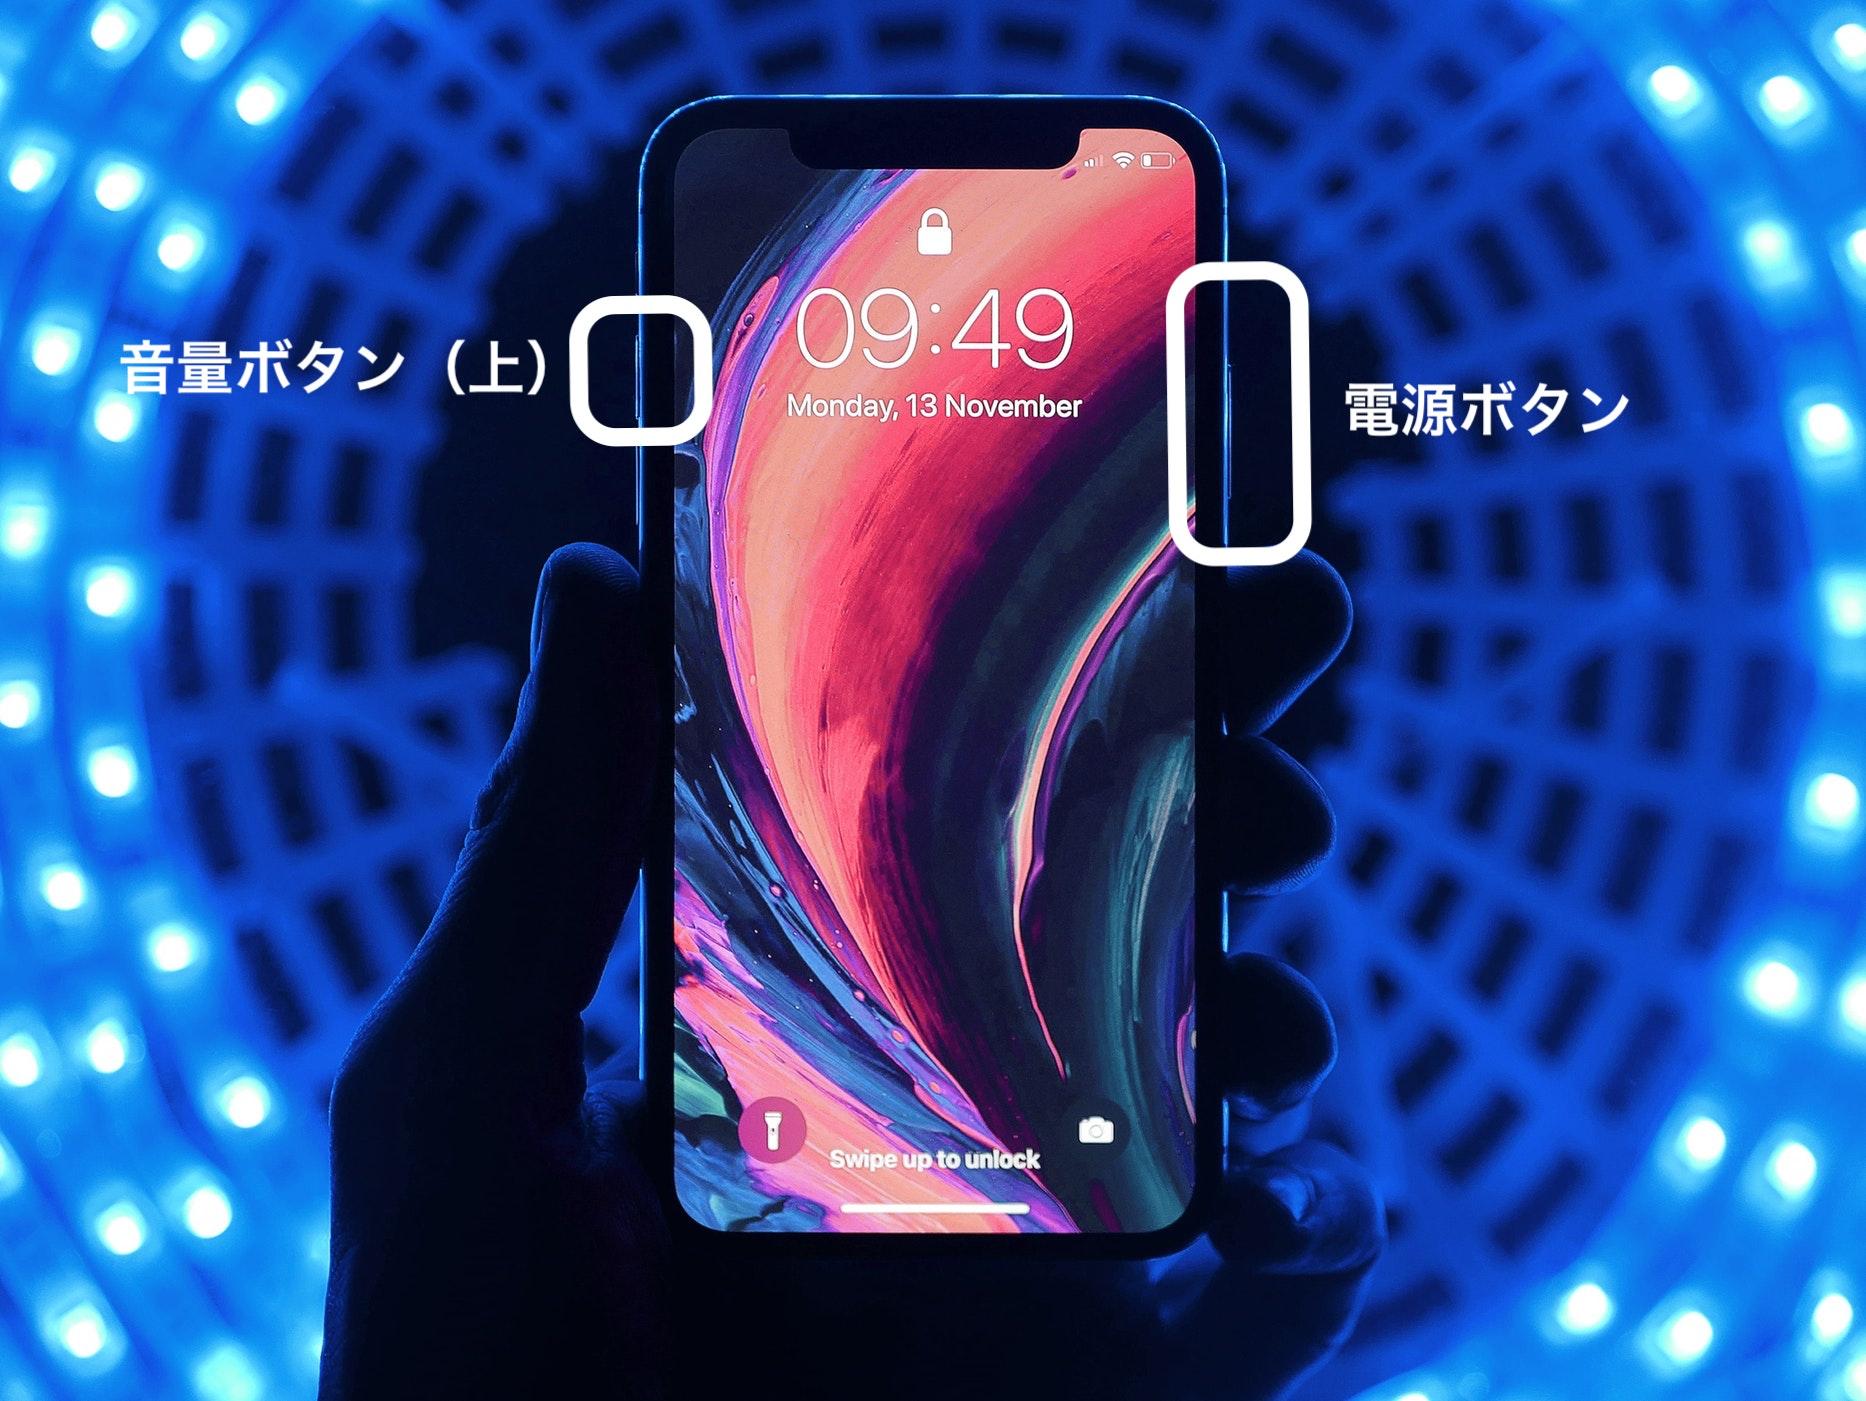 【iPhoneXS】カメラ・スクリーンショット音を消す方法。無音で撮るには?